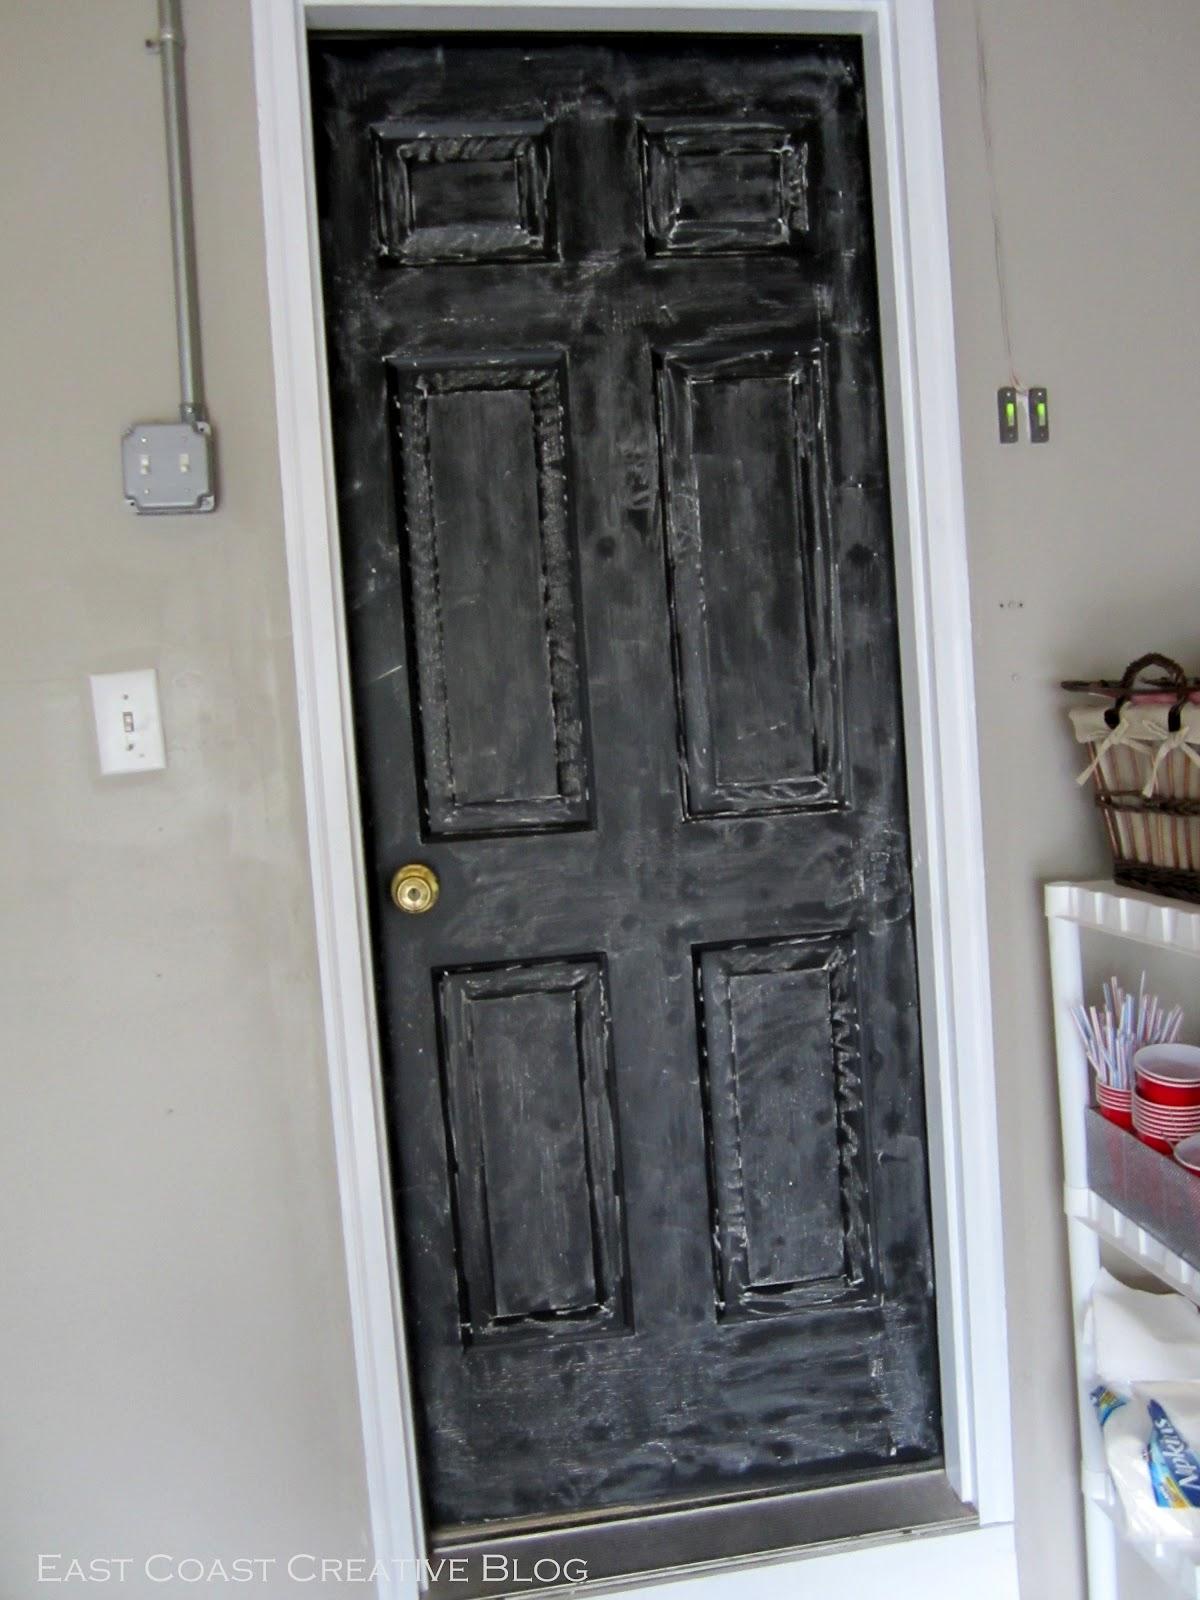 Chalkboard Door Garage Entry & Chalkboard Door Garage Entry - East Coast Creative Blog Pezcame.Com